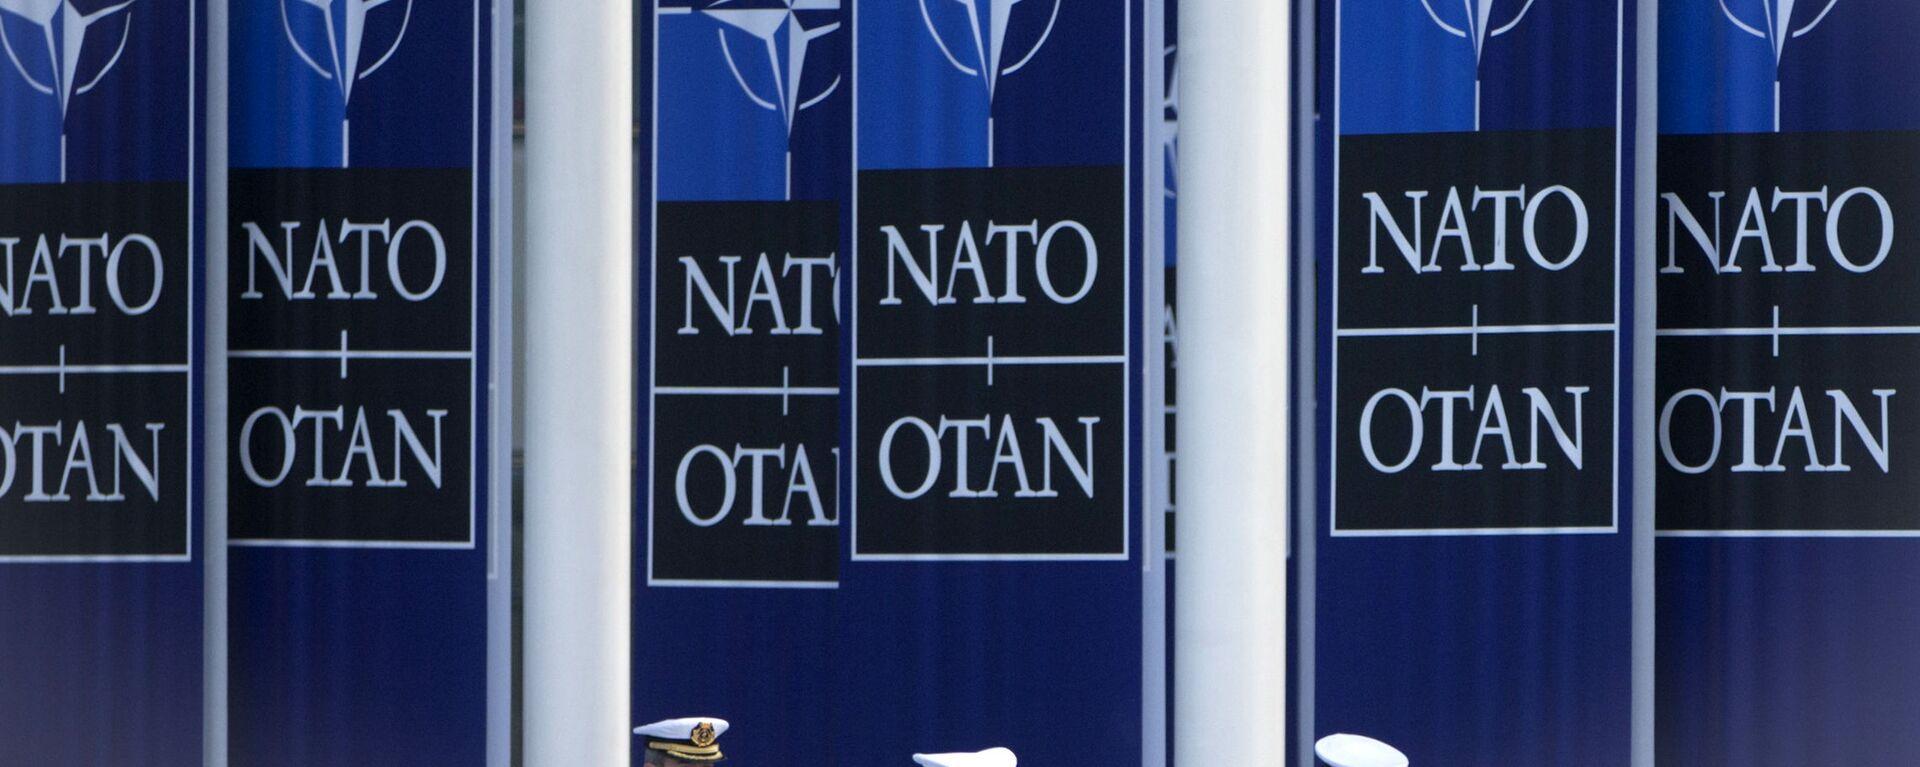 Španělští námořníci jdou pod vlajkou NATO vedle štábu aliance v Bruselu - Sputnik Česká republika, 1920, 24.08.2021